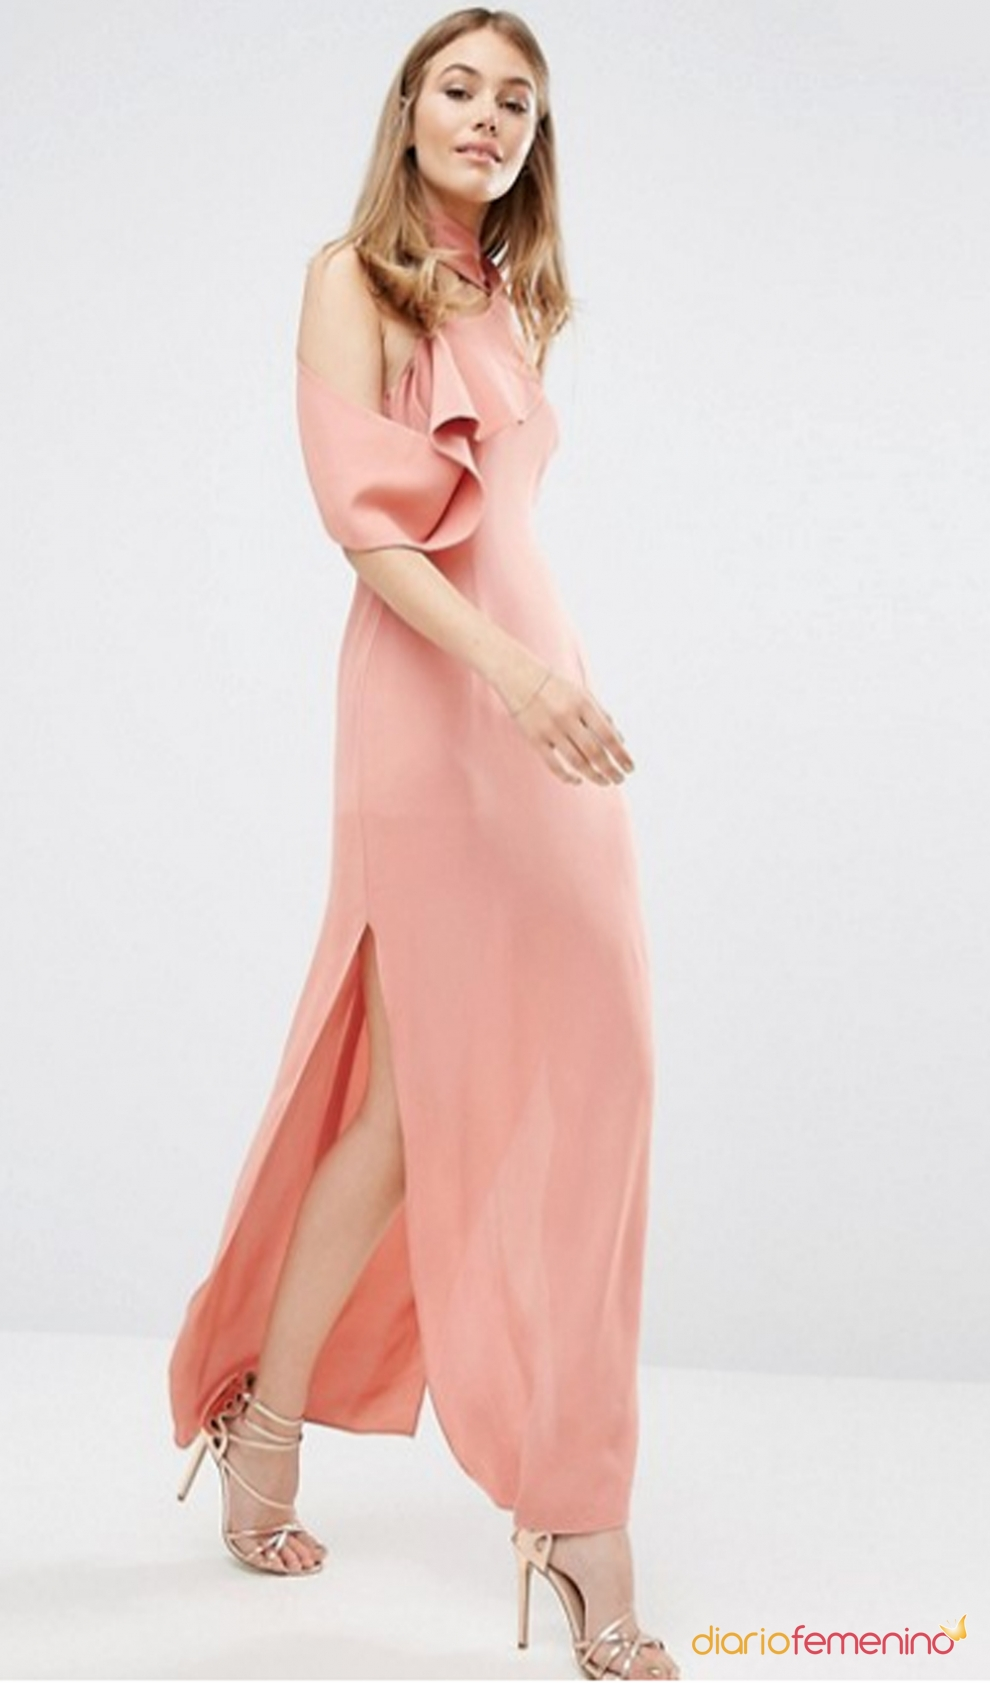 de invitada en 2017: un look rosa palo de ASOS